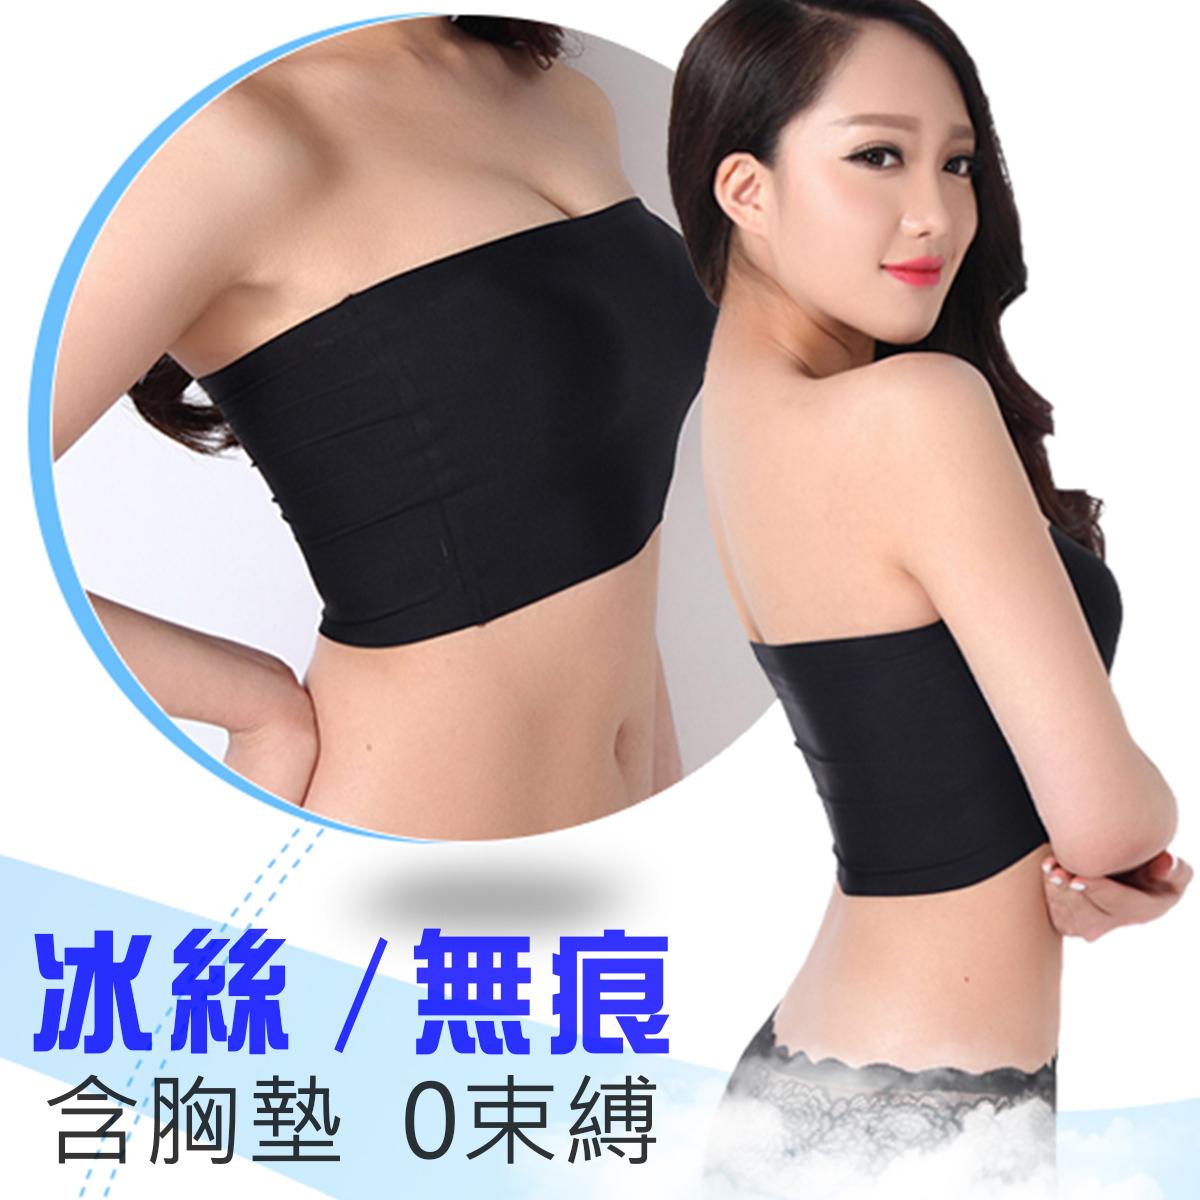 韓版 無肩帶 平口 有胸墊 無痕內衣 防走光 小可愛 背心 女内衣 冰絲 透氣 涼感內衣